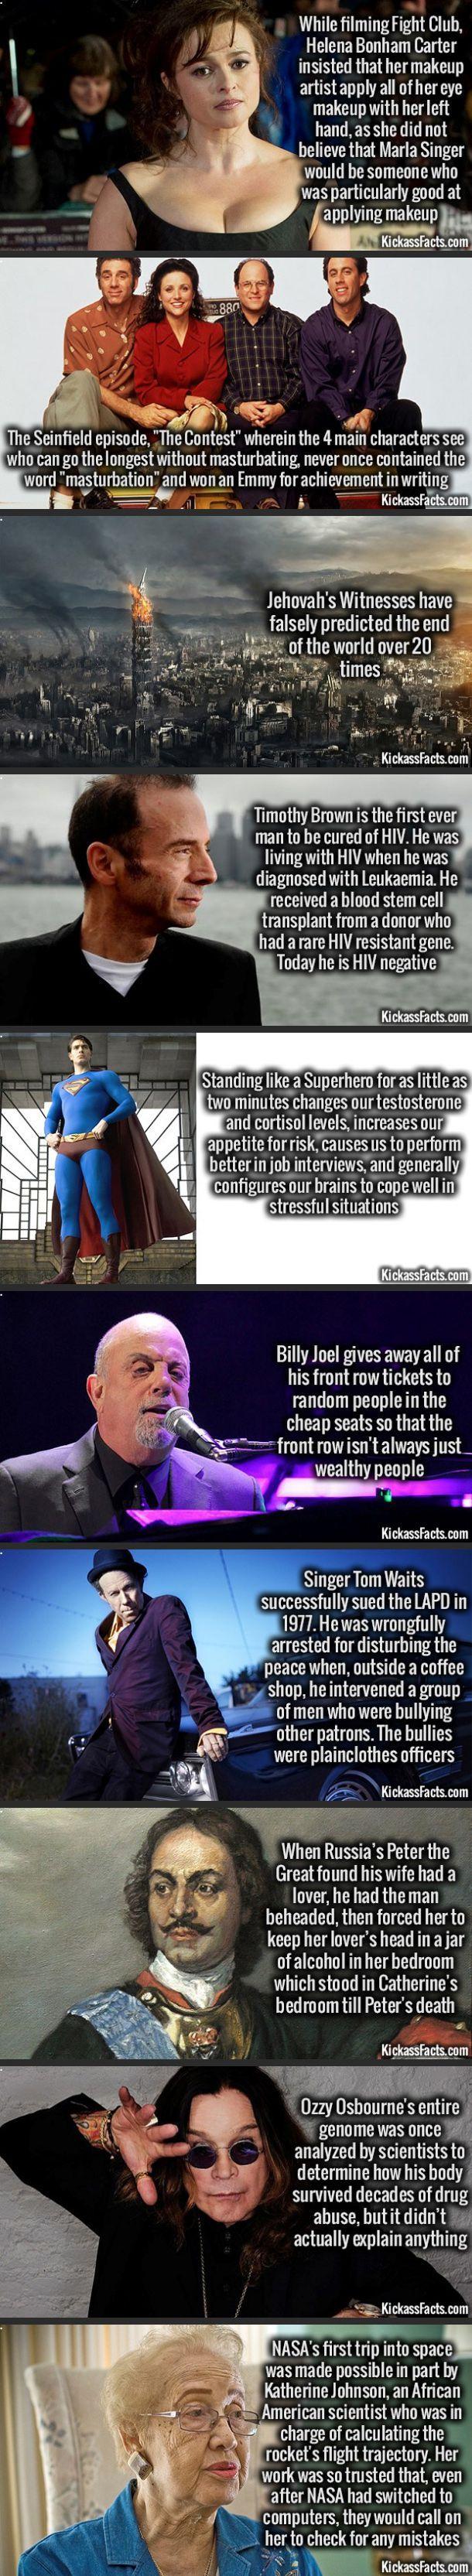 I like the superman one!